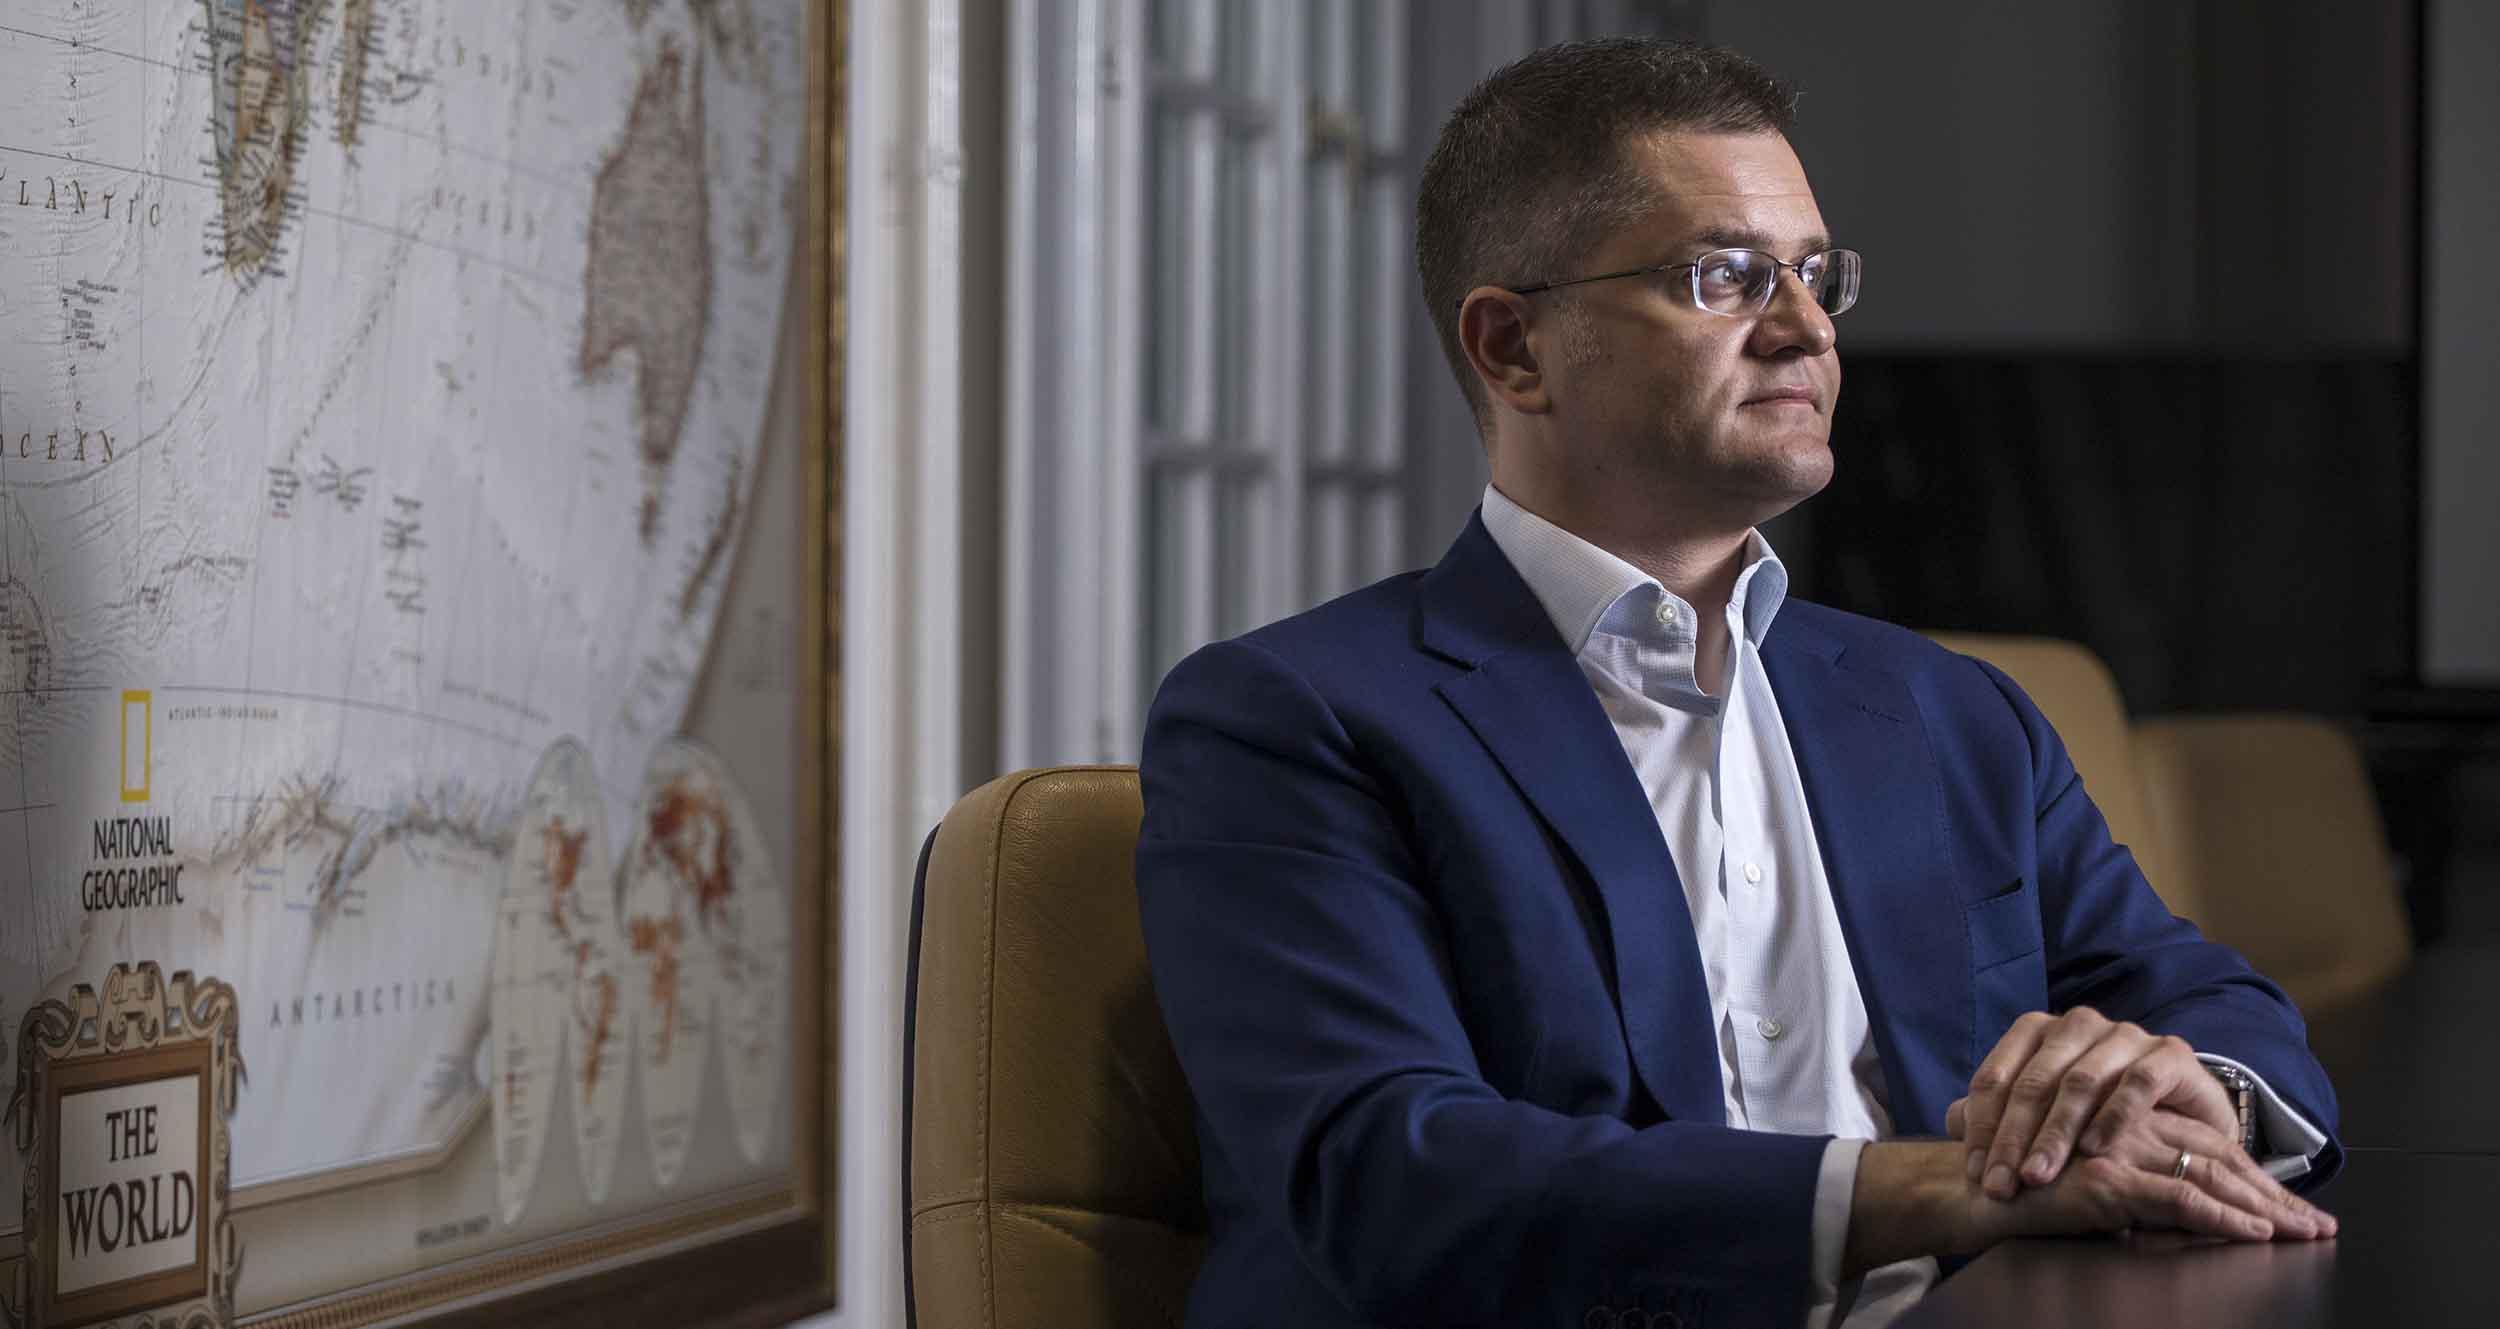 Јеремић: Корумпирани плагијатори одговорни за пад Универзитета у Београду на Шангајској листи